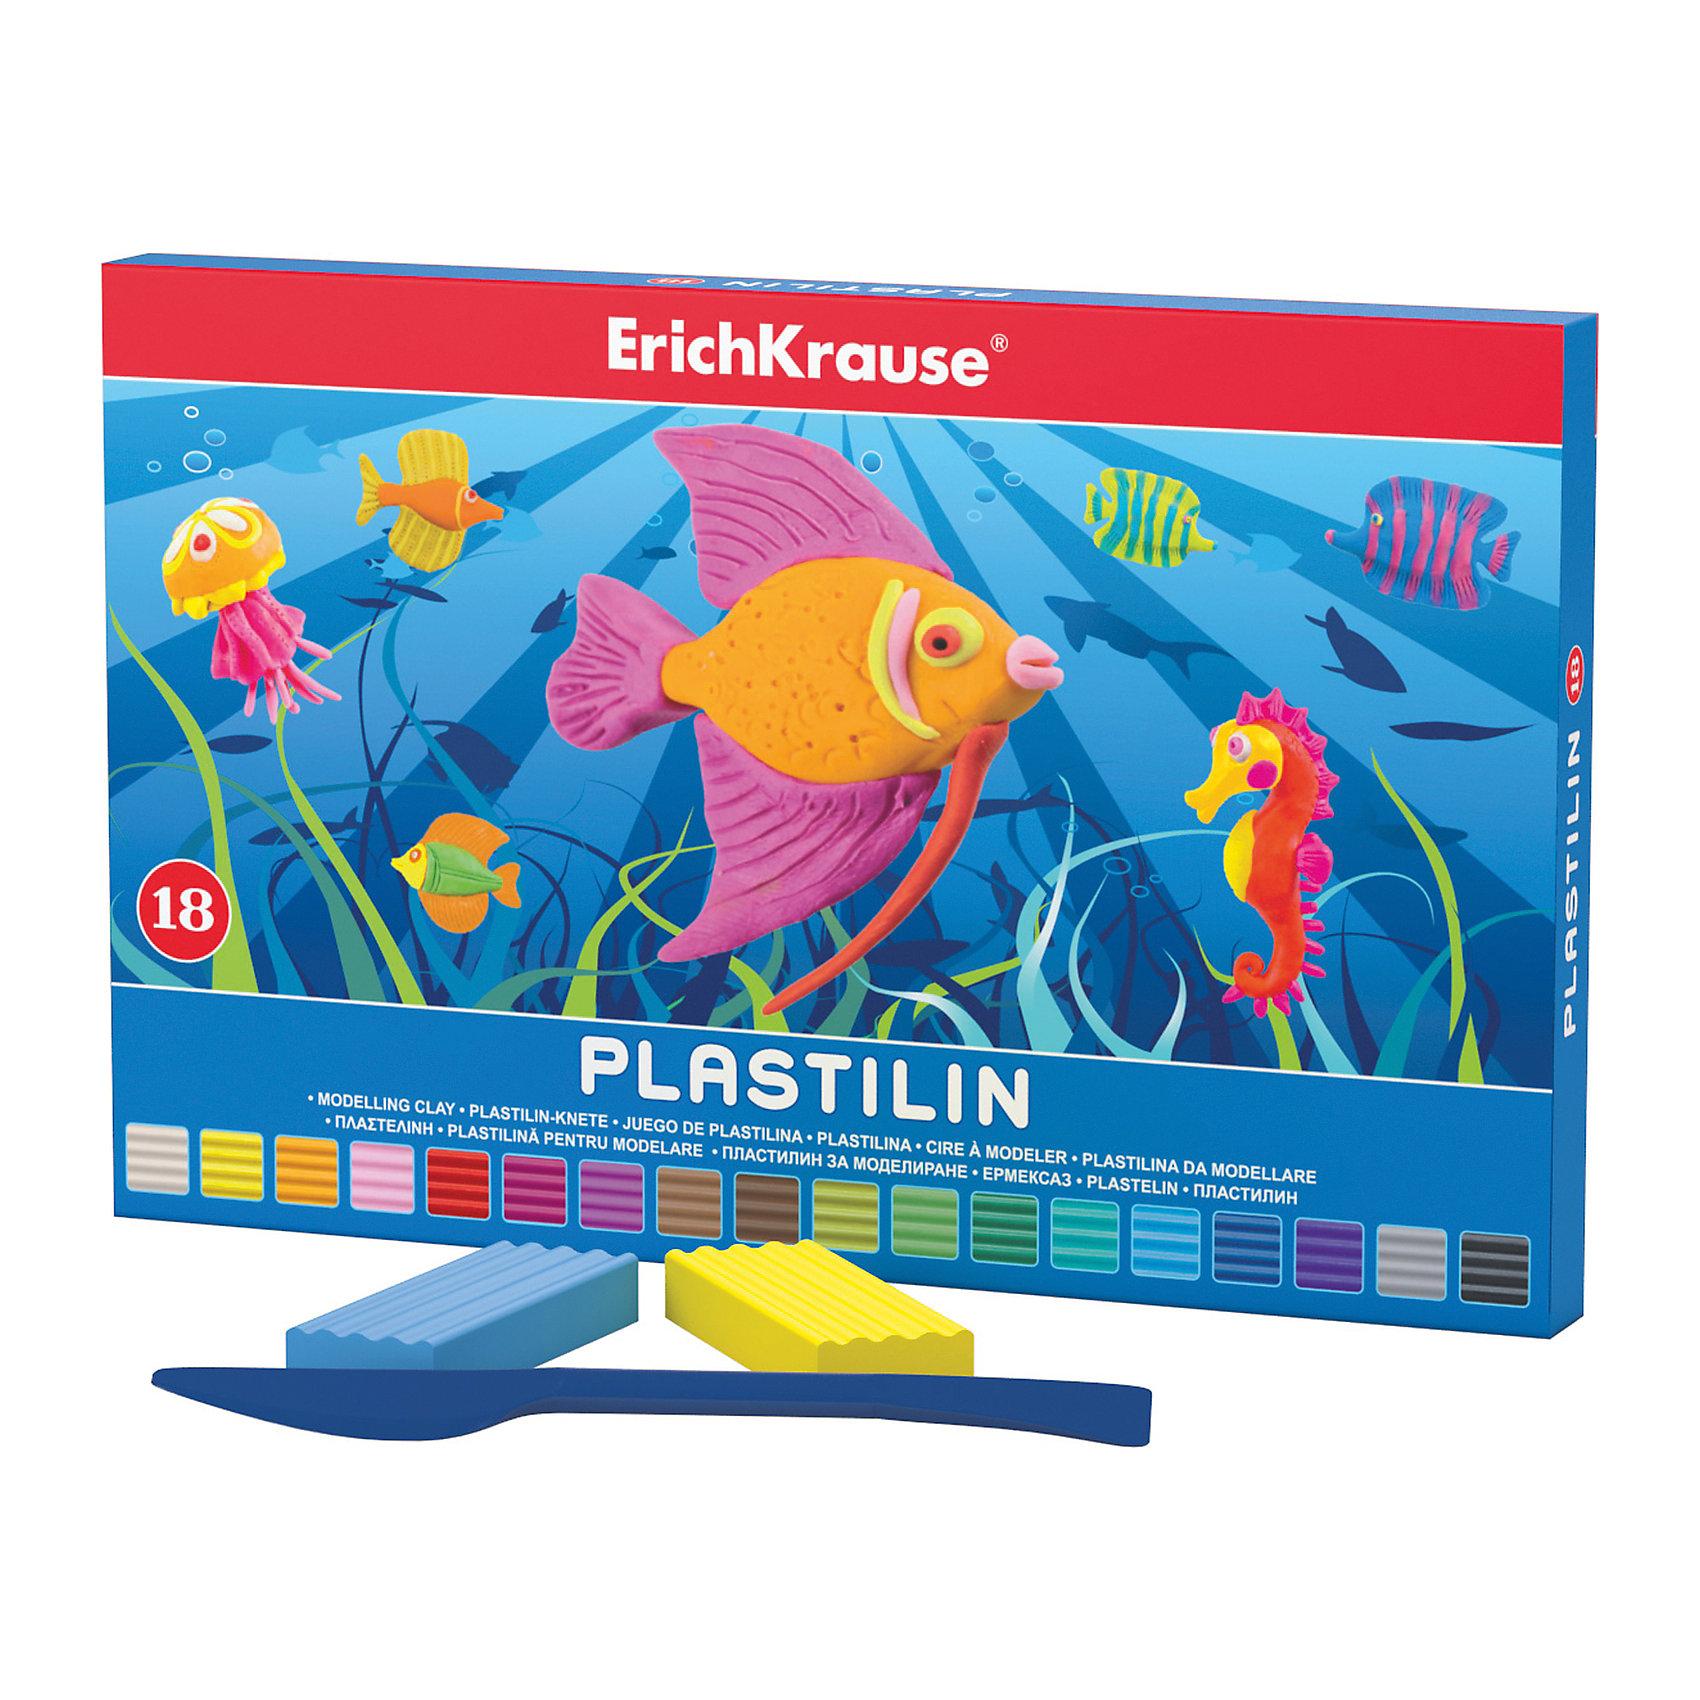 Пластилин 18 цветов, 324г, со стекомРисование и лепка<br>Пластилин 18 цветов, 324г, со стеком<br><br>Характеристики:<br><br>• В набор входит: 18 брусочков пластилина, лопаточка-стек<br>• Размер упаковки: 22,5 * 1,6 * 14 см.<br>• Вес: 383 г.<br>• Для детей в возрасте: от 3-х лет<br>• Страна производитель: Китай<br><br>Восемнадцать ярких цветных брусочков пластилина изготовлены из безопасных для детей материалов и уже готовы к лепке. В набор входит лопаточка для пластилина, с ней вы сможете разрезать пластилин, делать его плоским или рифленым. Насыщенные цвета пластилина почти не оставляют следов на руках и могут перемешиваться между собой. Поделки из разных цветов отлично прикрепляются друг к другу. Работая с пластилином вы можете делать объемные фигурки, а также можете наносить пластилин на бумагу, картон или даже стекло, чтобы выполнять новые картины или даже фрески. <br><br>В набор входят целых восемнадцать цветов, которые помогут создать настоящие шедевры. Занимаясь лепкой дети развивают моторику рук, творческие способности, восприятие цветов и их сочетаний, а также лепка благотворно влияет на развитие речи, координацию движений, память и логическое мышление. Лепка всей семьей поможет весело и пользой провести время!<br><br>Пластилин 18 цветов, 324г, со стеком можно купить в нашем интернет-магазине.<br><br>Ширина мм: 225<br>Глубина мм: 143<br>Высота мм: 16<br>Вес г: 383<br>Возраст от месяцев: 60<br>Возраст до месяцев: 216<br>Пол: Унисекс<br>Возраст: Детский<br>SKU: 5409294